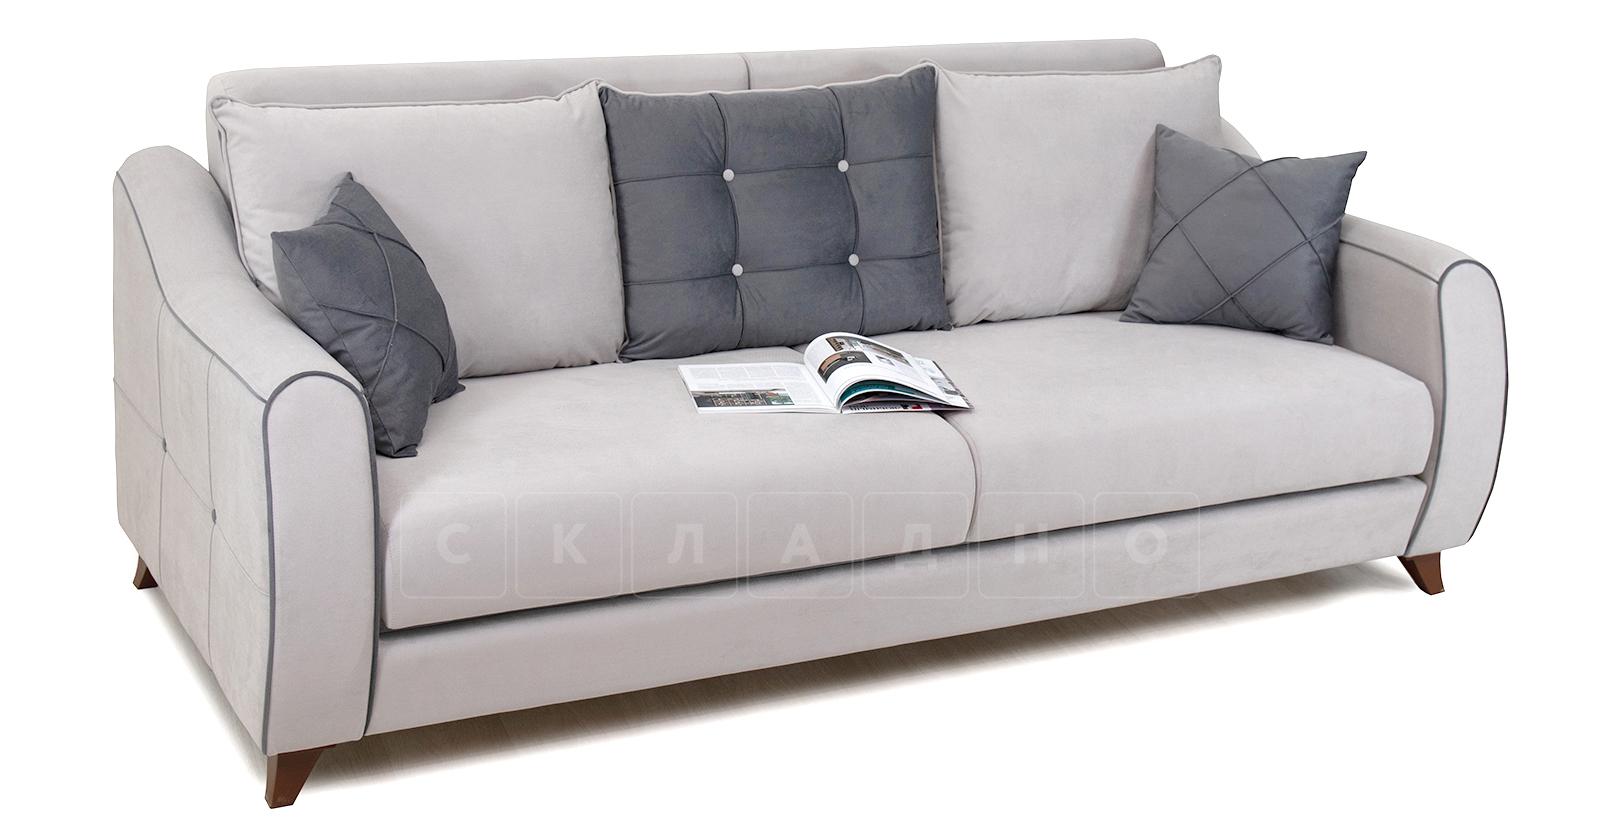 Диван-кровать Флэтфорд светло-серый фото 5 | интернет-магазин Складно